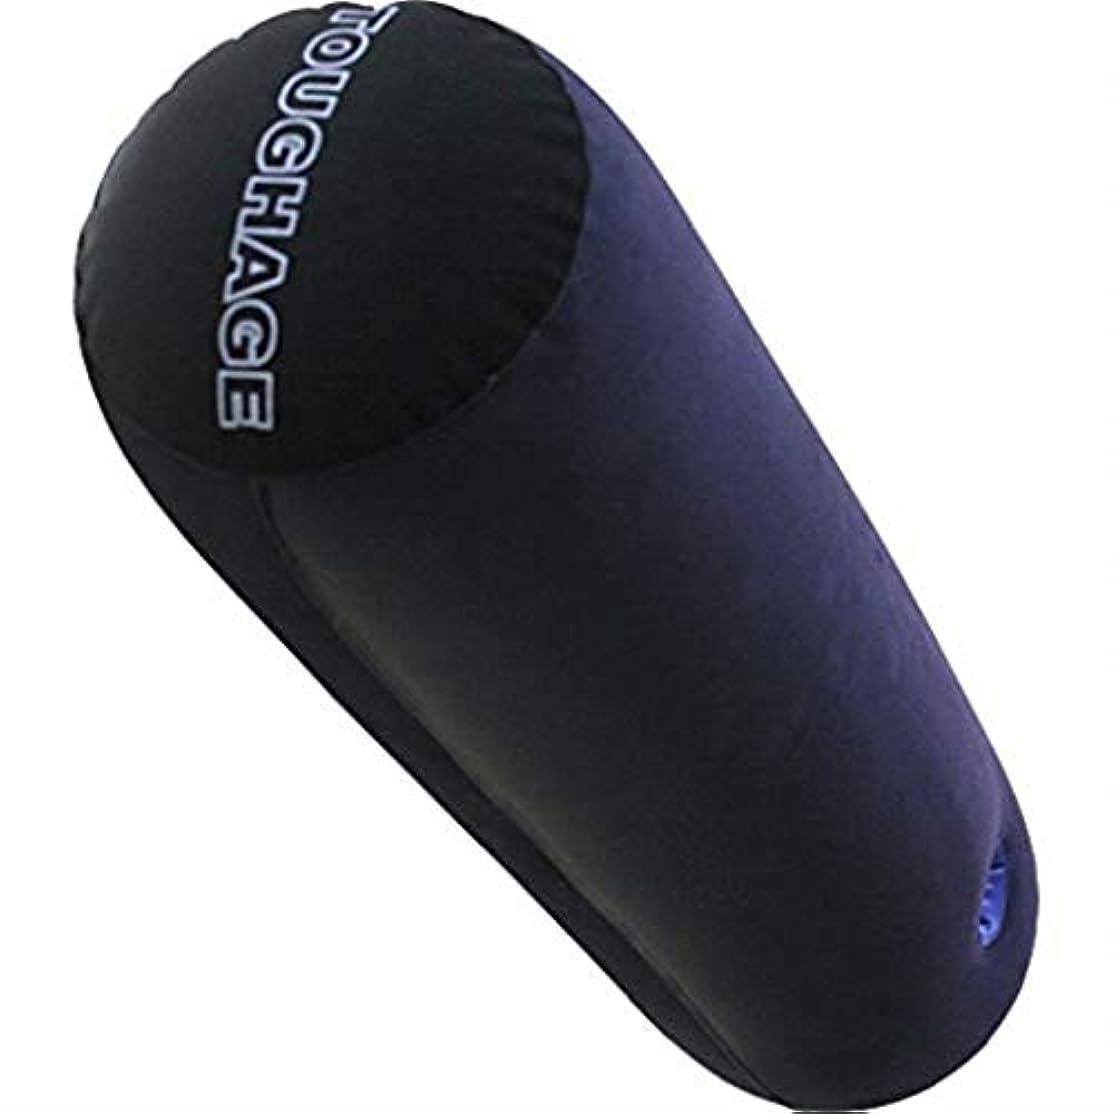 版地下鉄飼い慣らすRisareyi 携帯用ソファーの枕、睡眠のための円形の首の枕、首の苦痛救助、シリンダー支え枕、クッションカバー家/寝室